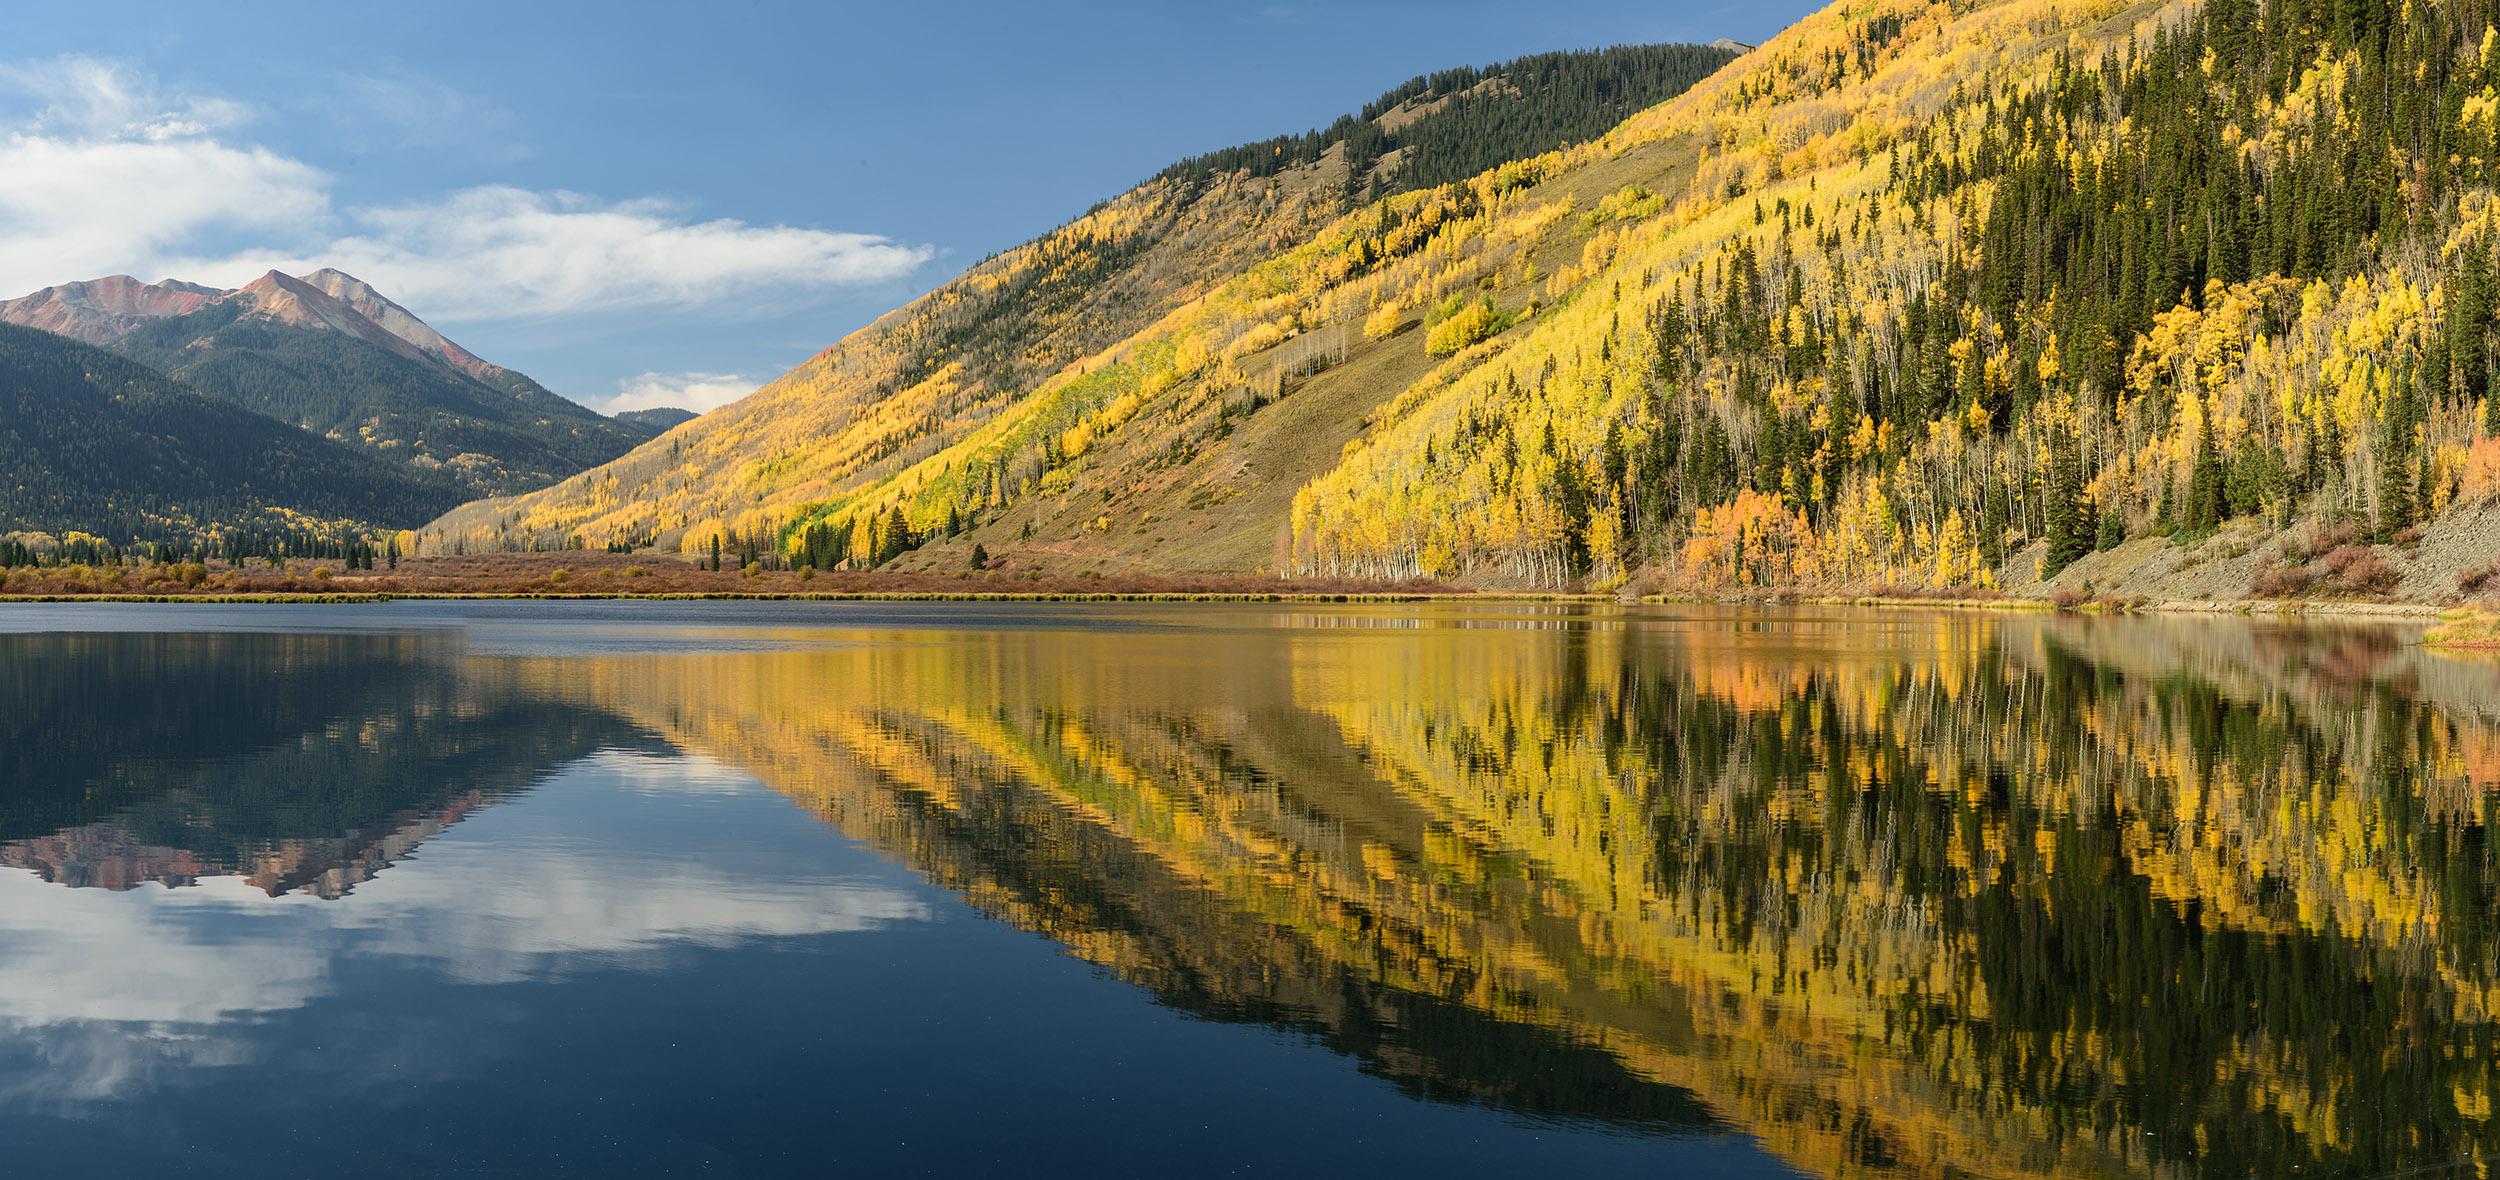 Tims-Colorado-6.jpg